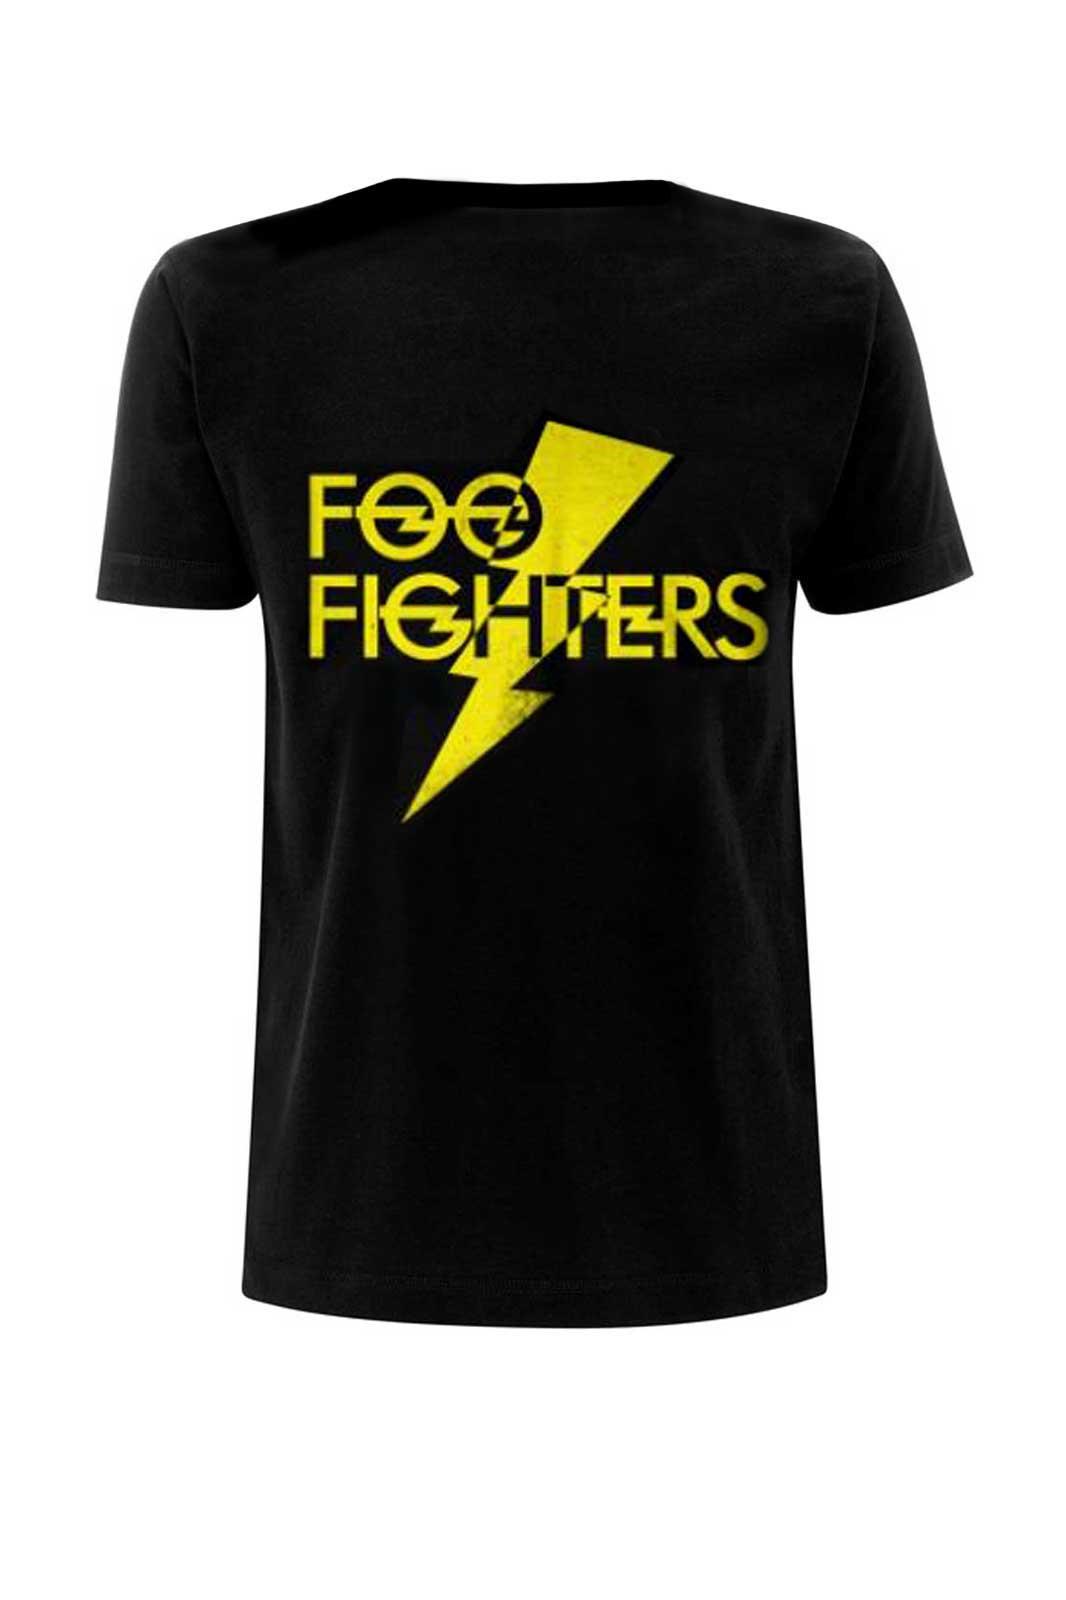 Tee Foo Fighters Lightning Strike Black